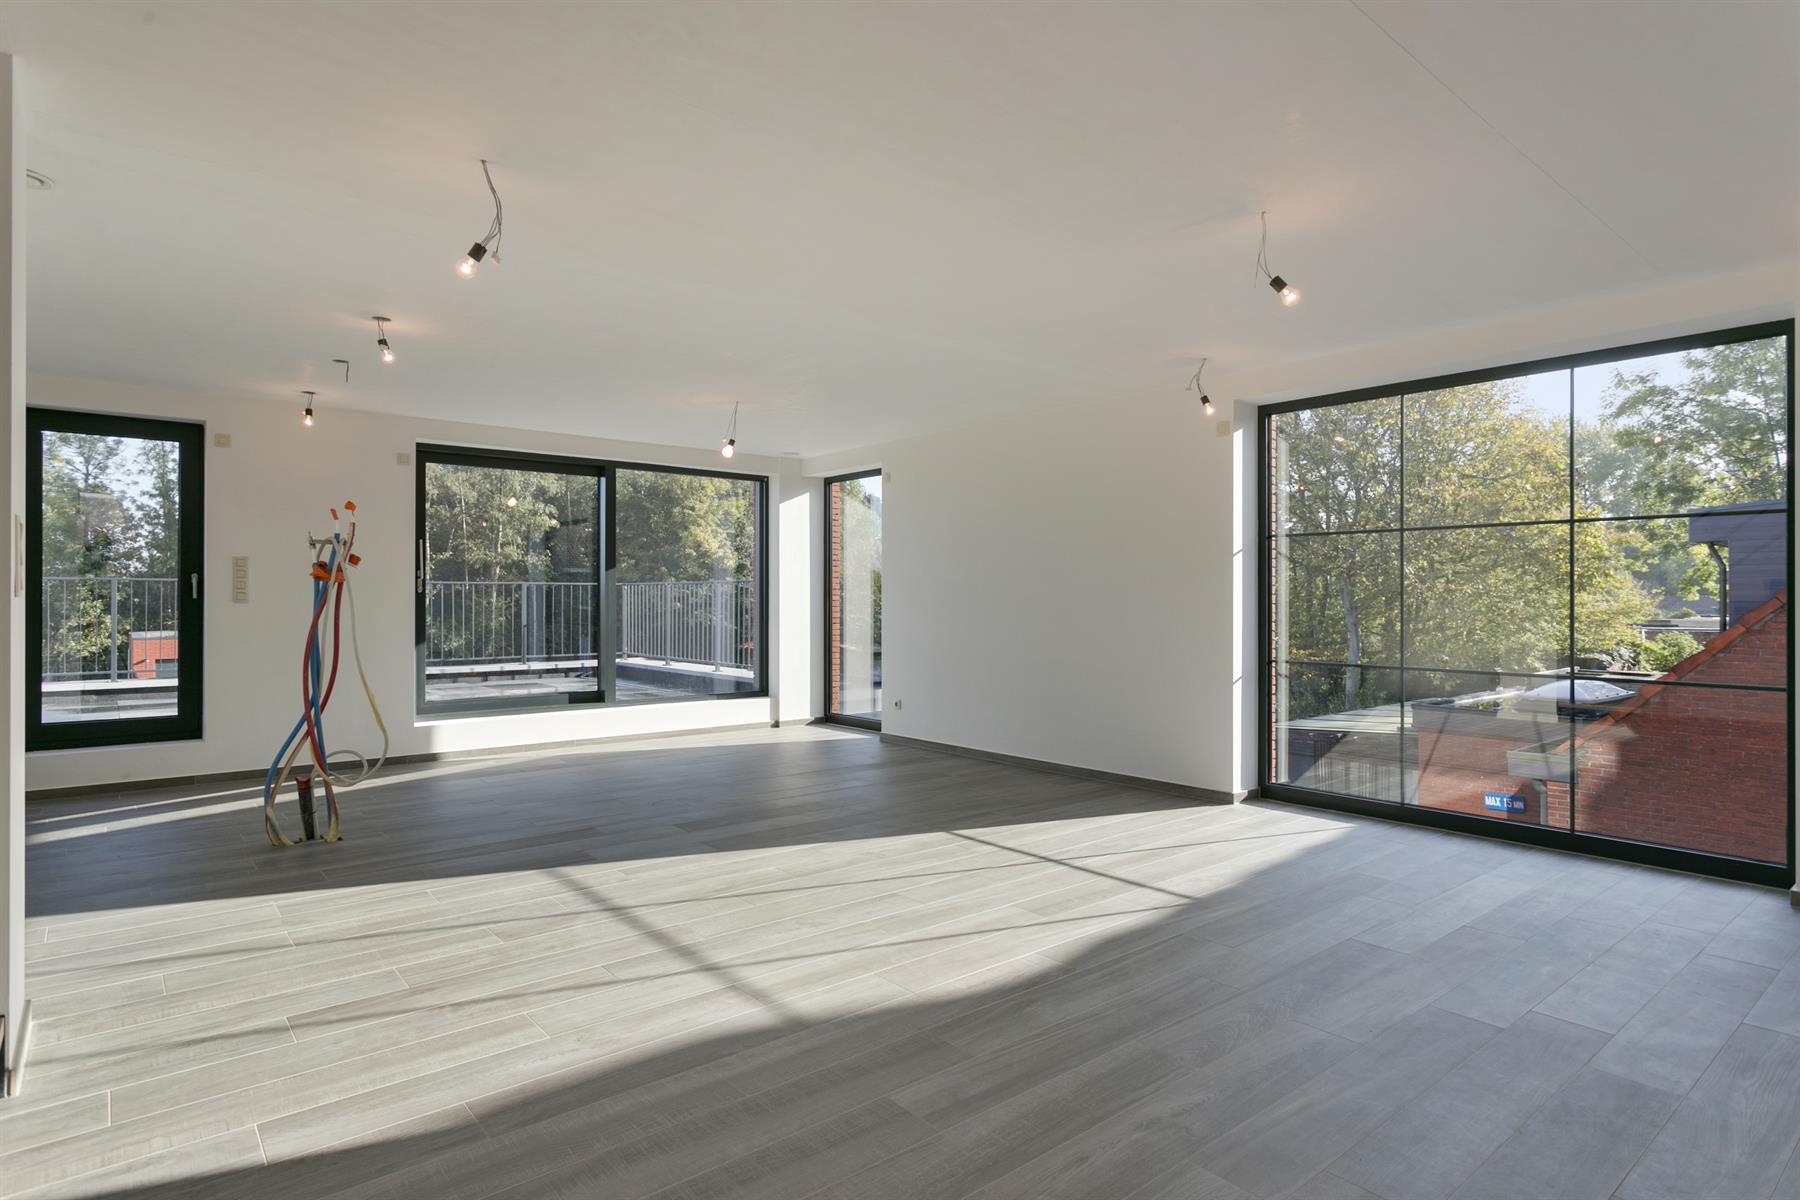 Nieuwbouw duplex met 3 slaapkamers en optioneel garagebox.